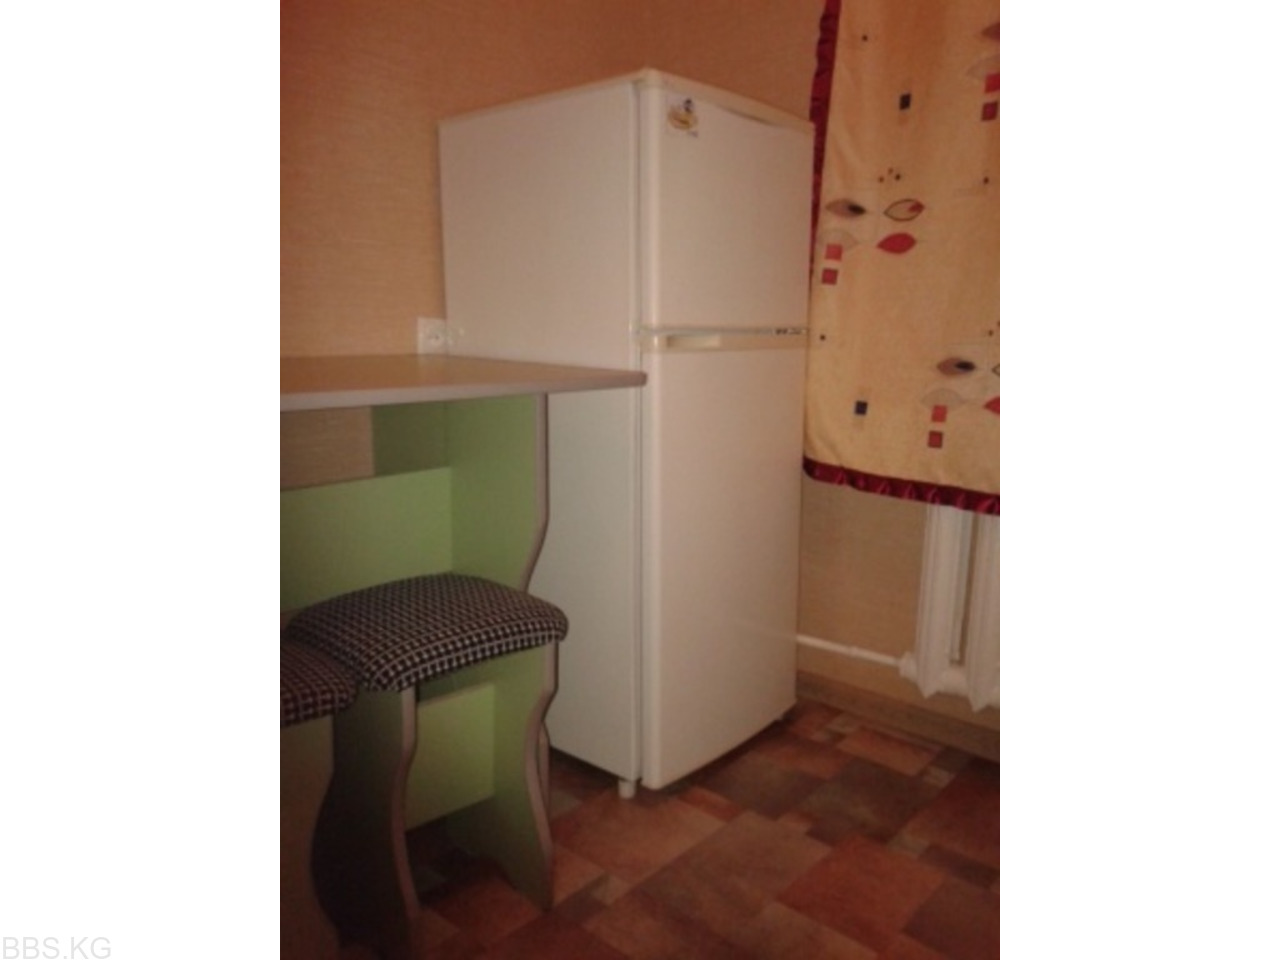 Сдаю 1-комнатную квартиру в 4 мкр. после ремонта с новой мебелью - 6/8